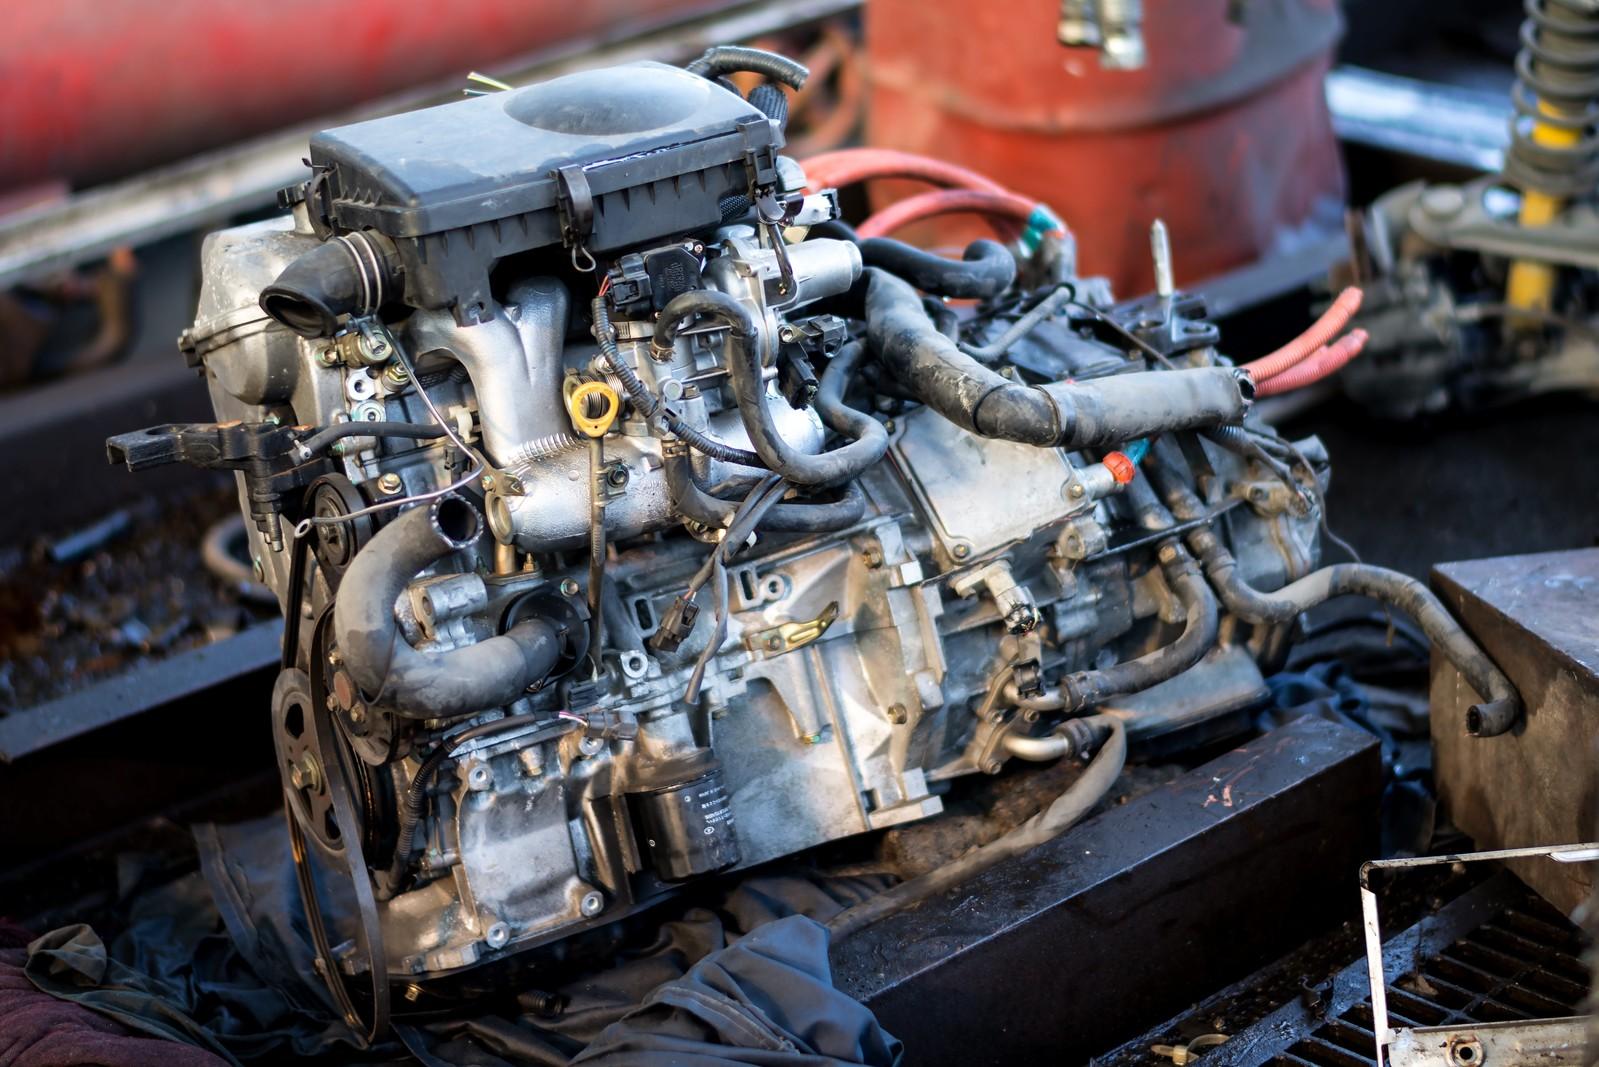 【DIYで挑戦】自動車のパンク修理の方法がわかるサイト まとめ